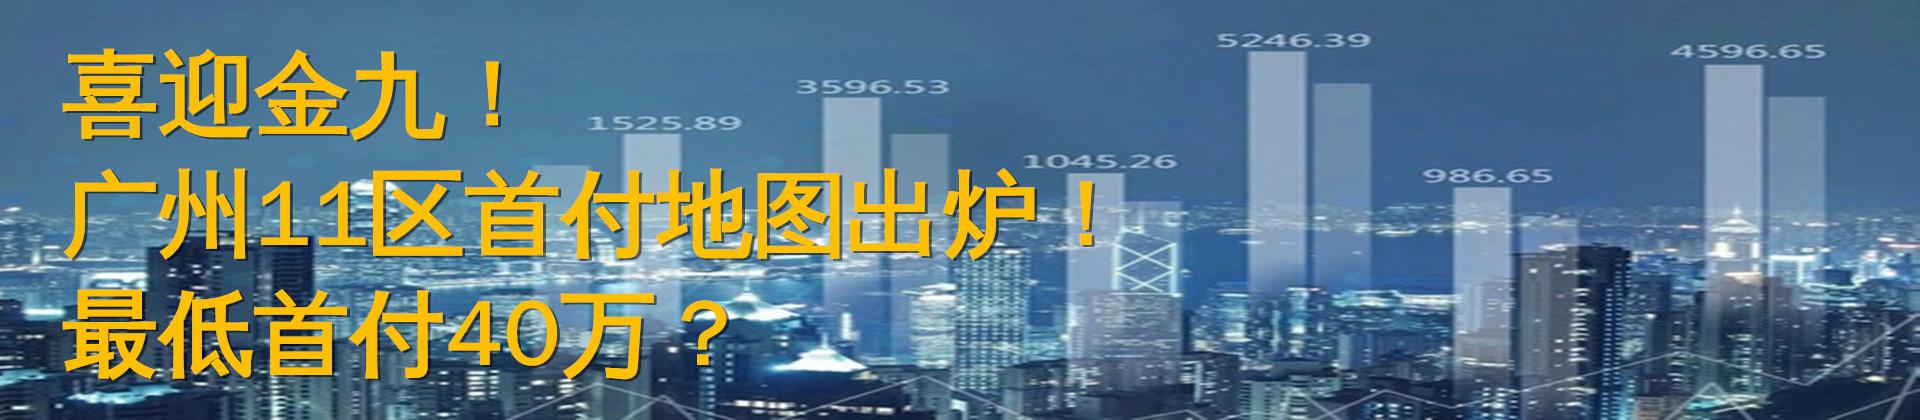 喜迎金九!广州11区首付地图出炉!最低首付40万?